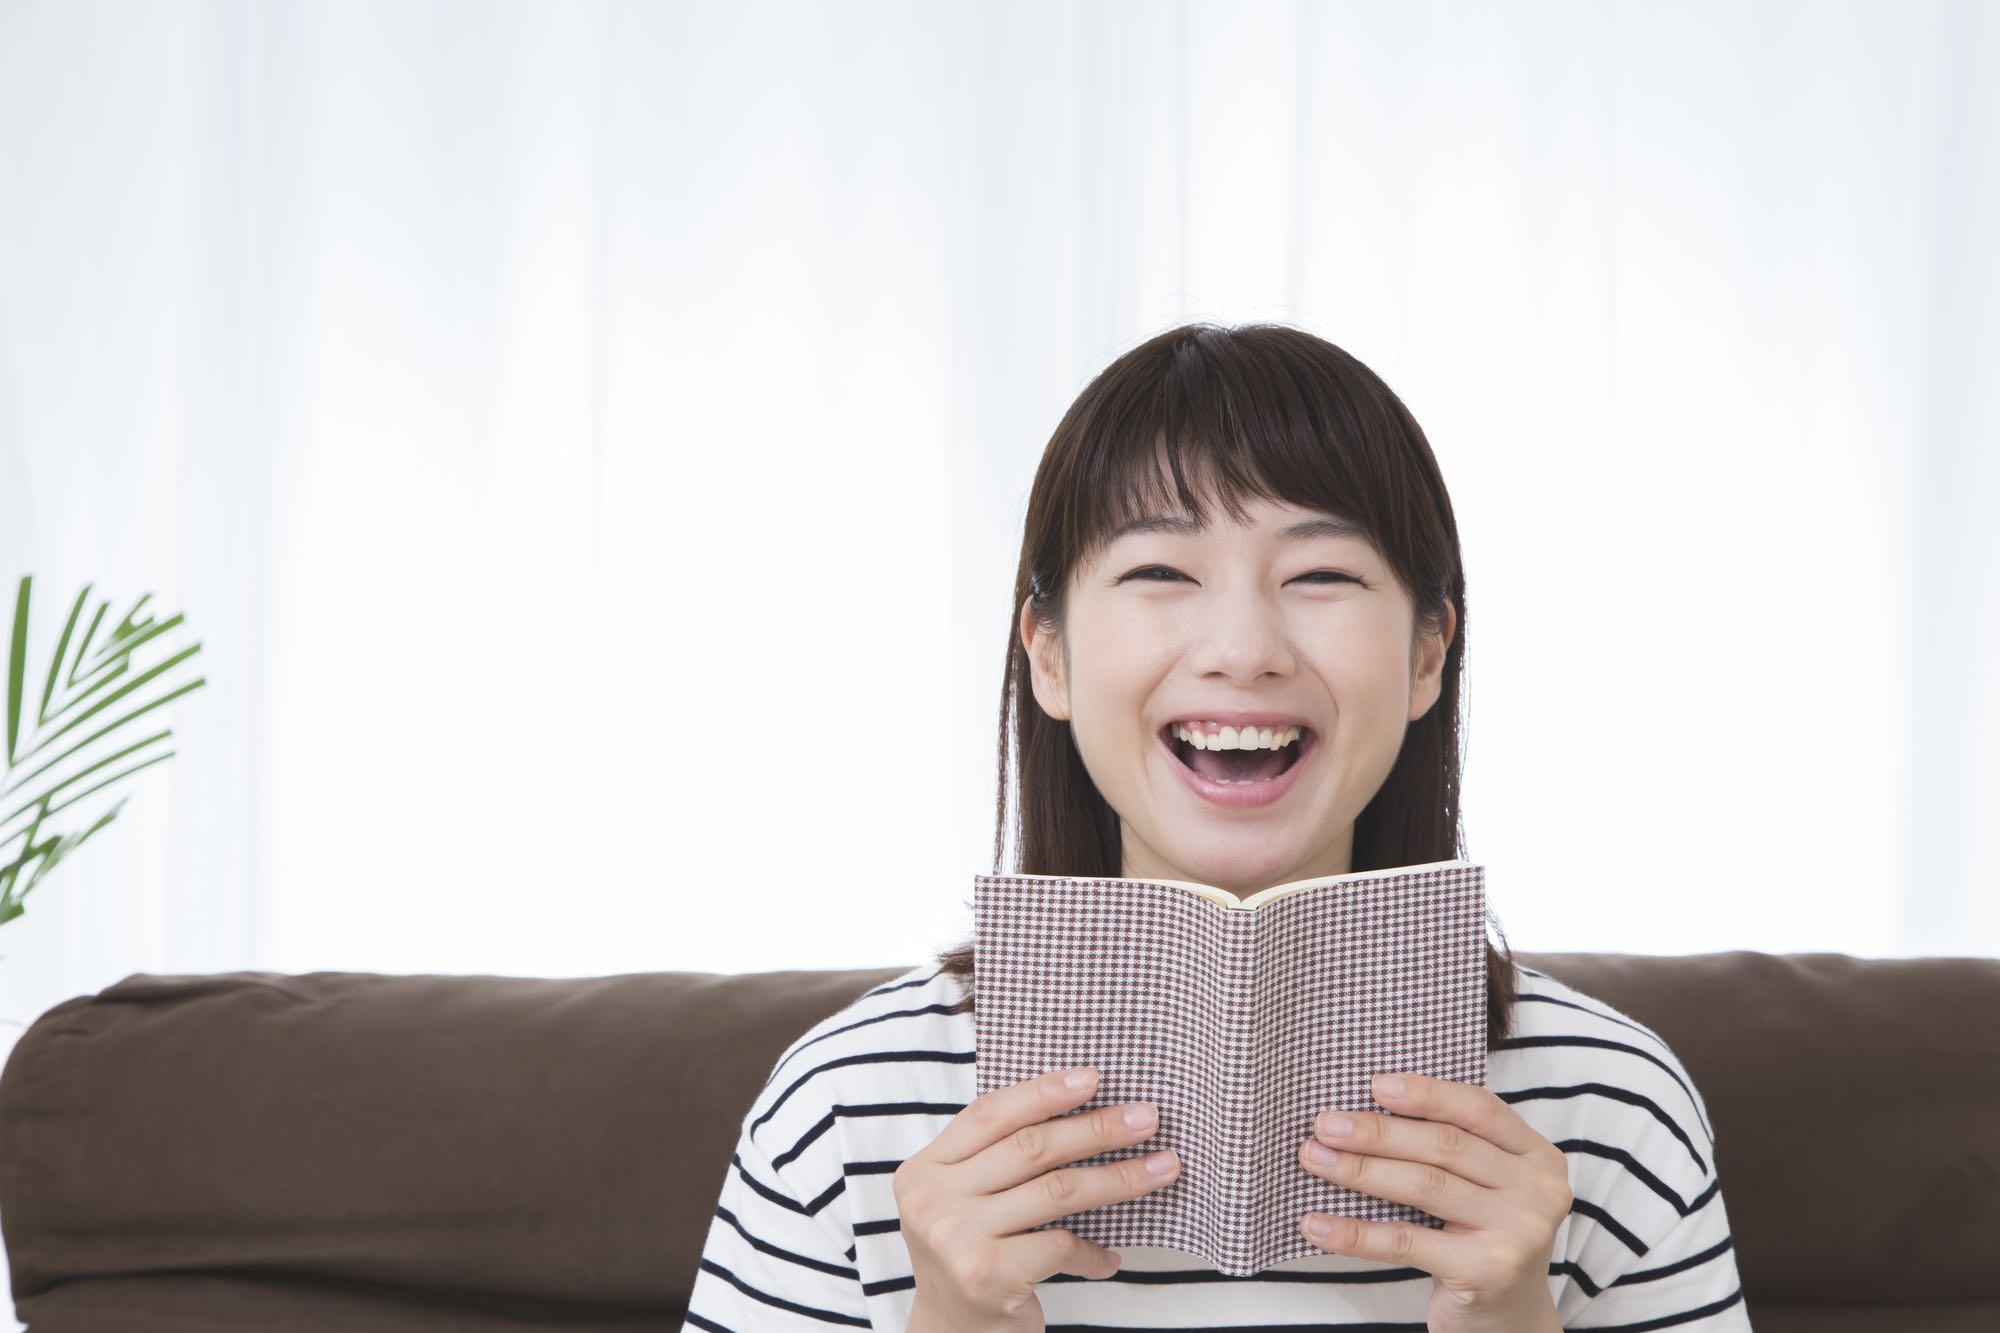 お笑い芸人の考え方から学ぶ! 人や社会との関係構築ヒント本5選